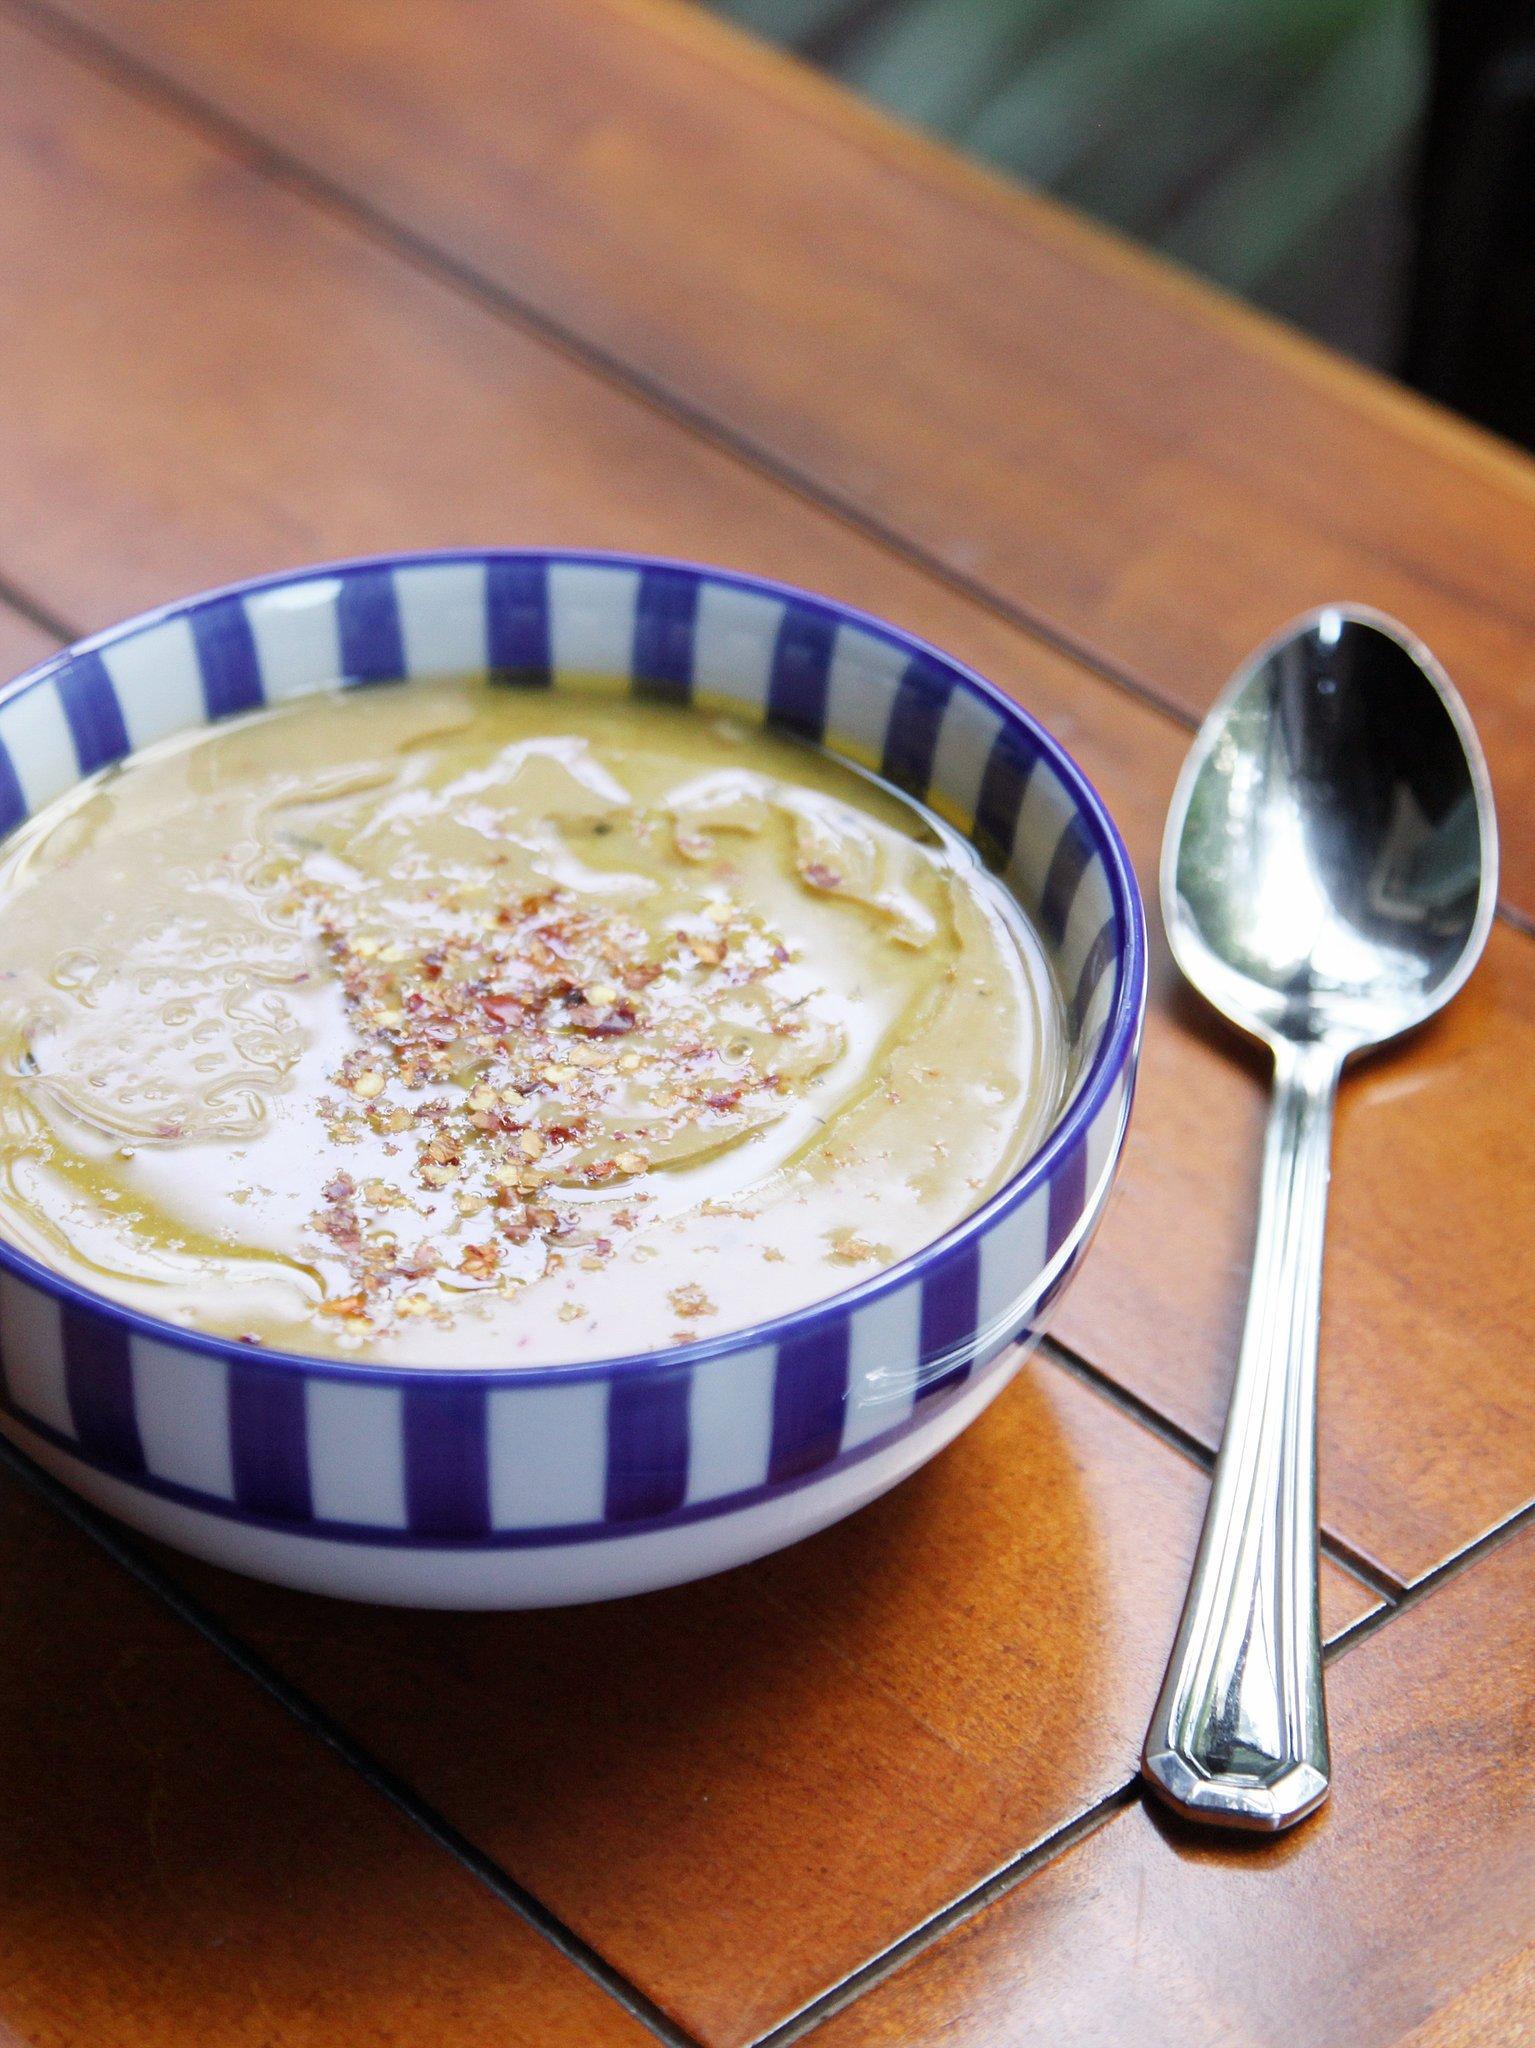 Krémes brokkolileves, ha valami feltöltő, mégis könnyű ebédre vágysz